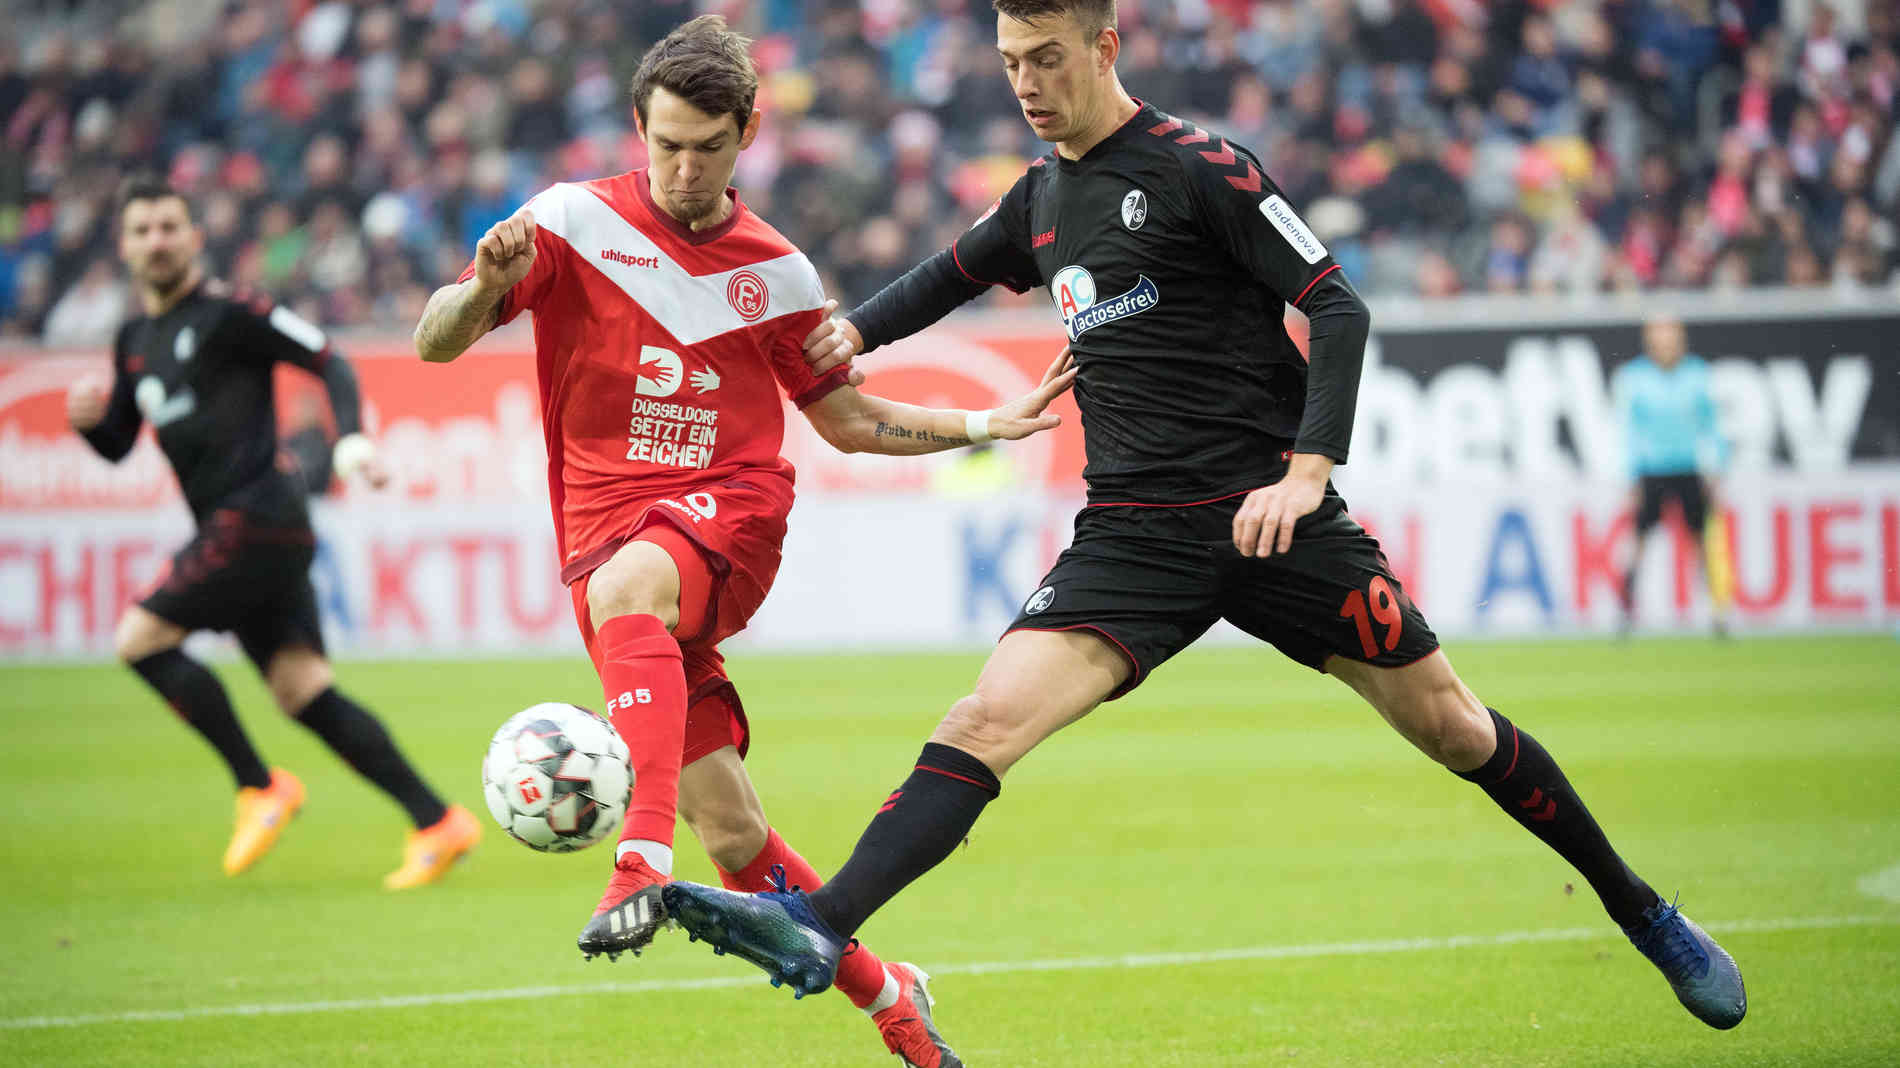 Freiburg Gegen Fortuna Düsseldorf